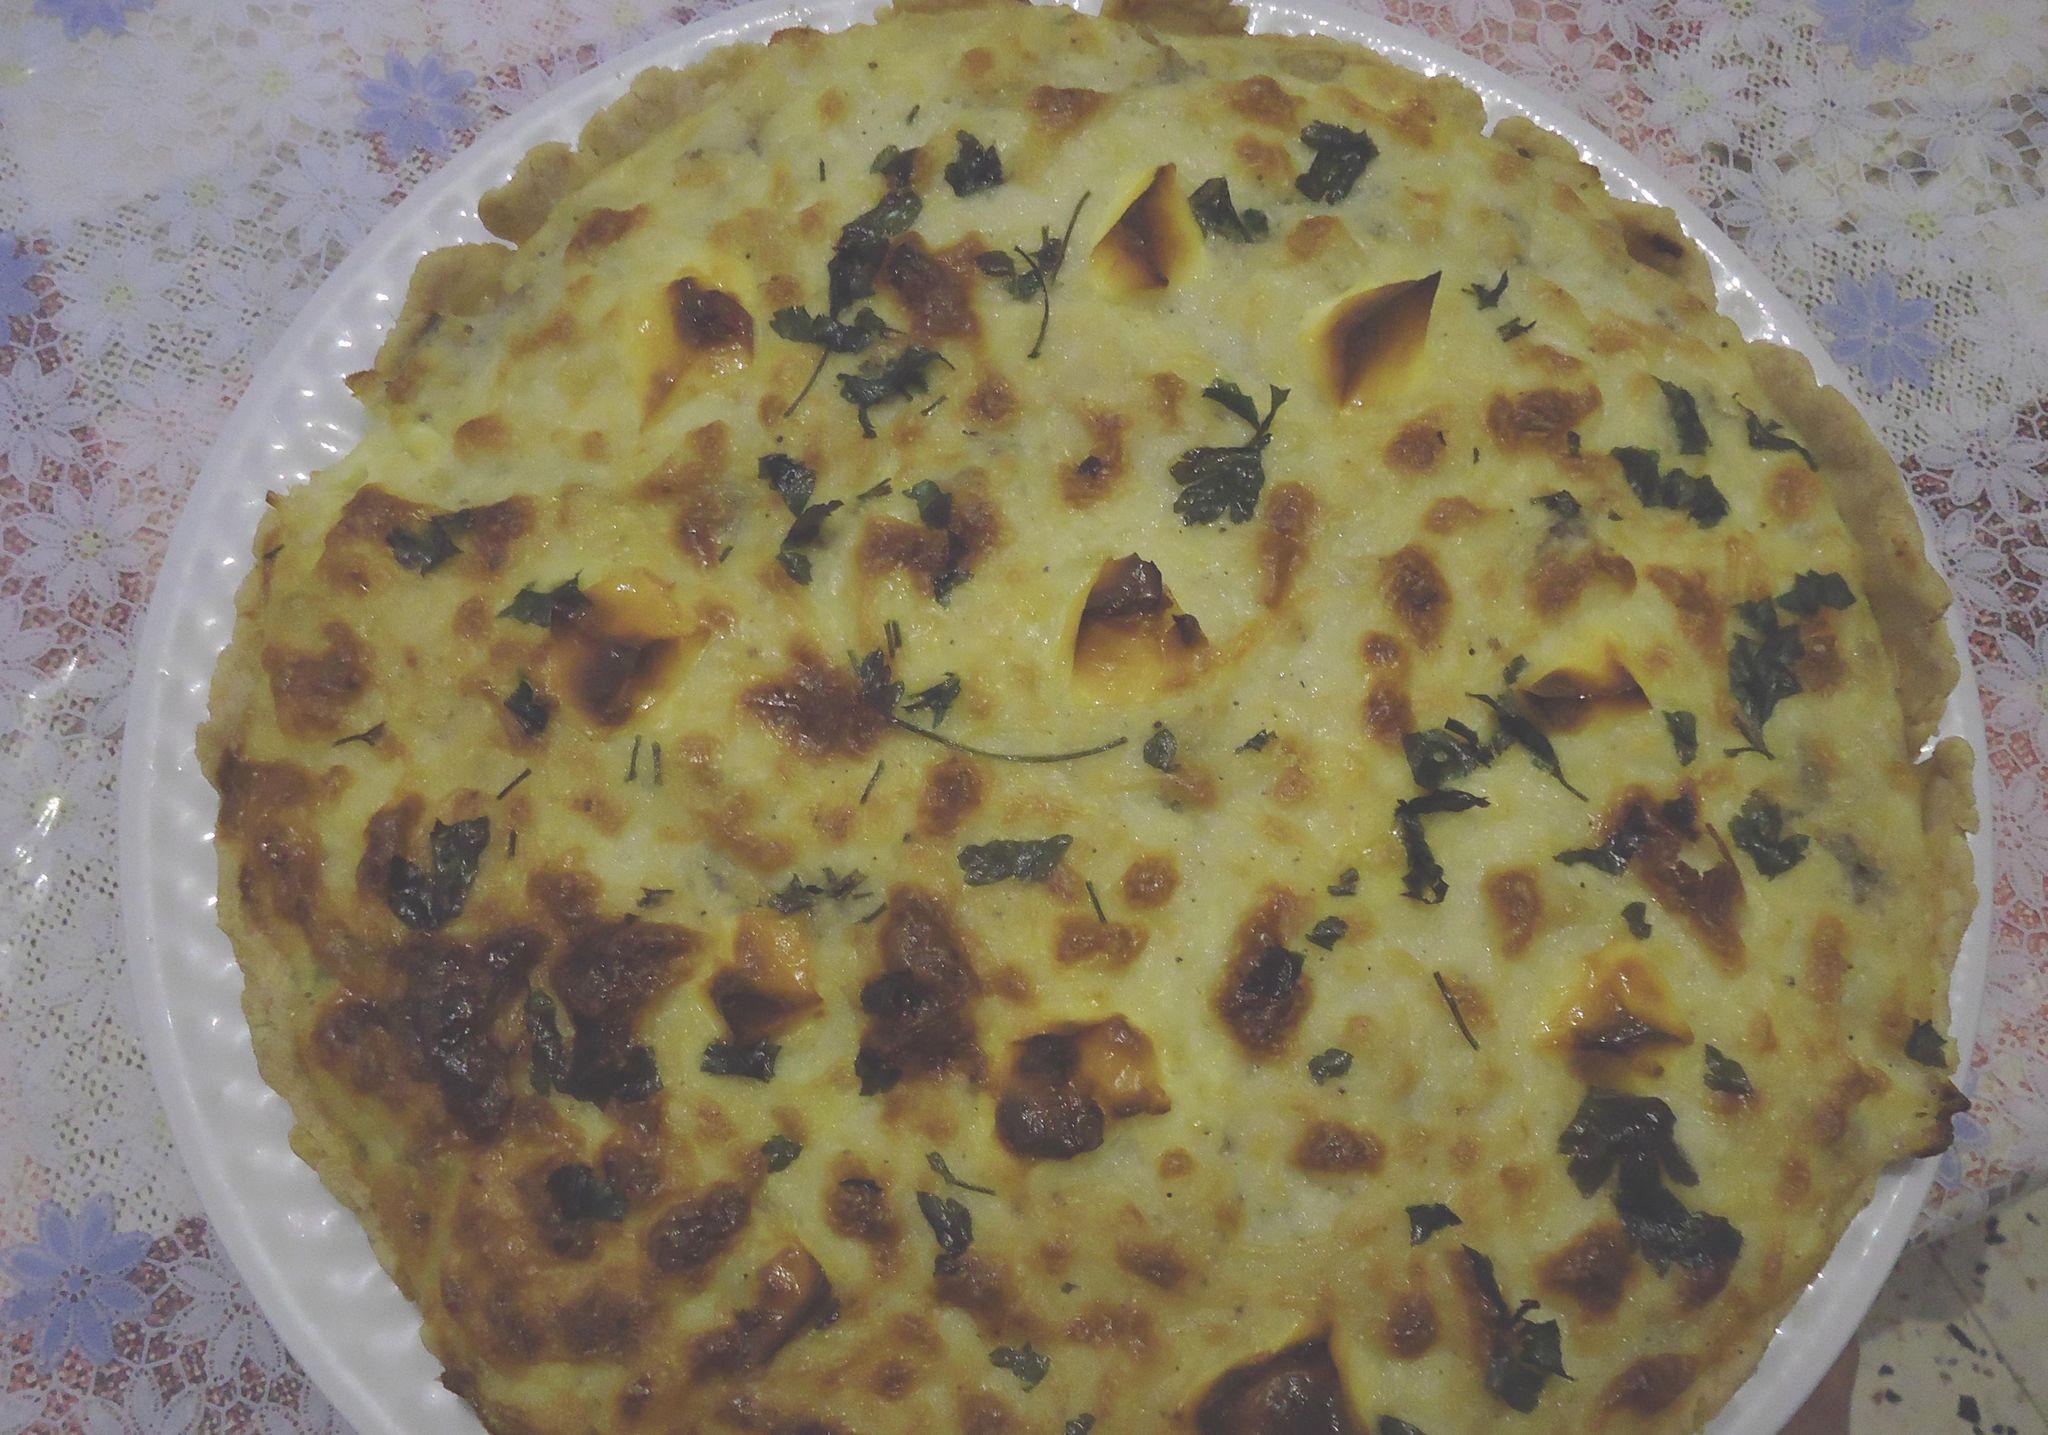 Recette d'entrée Tarte d'artichaut et oignon à la crème